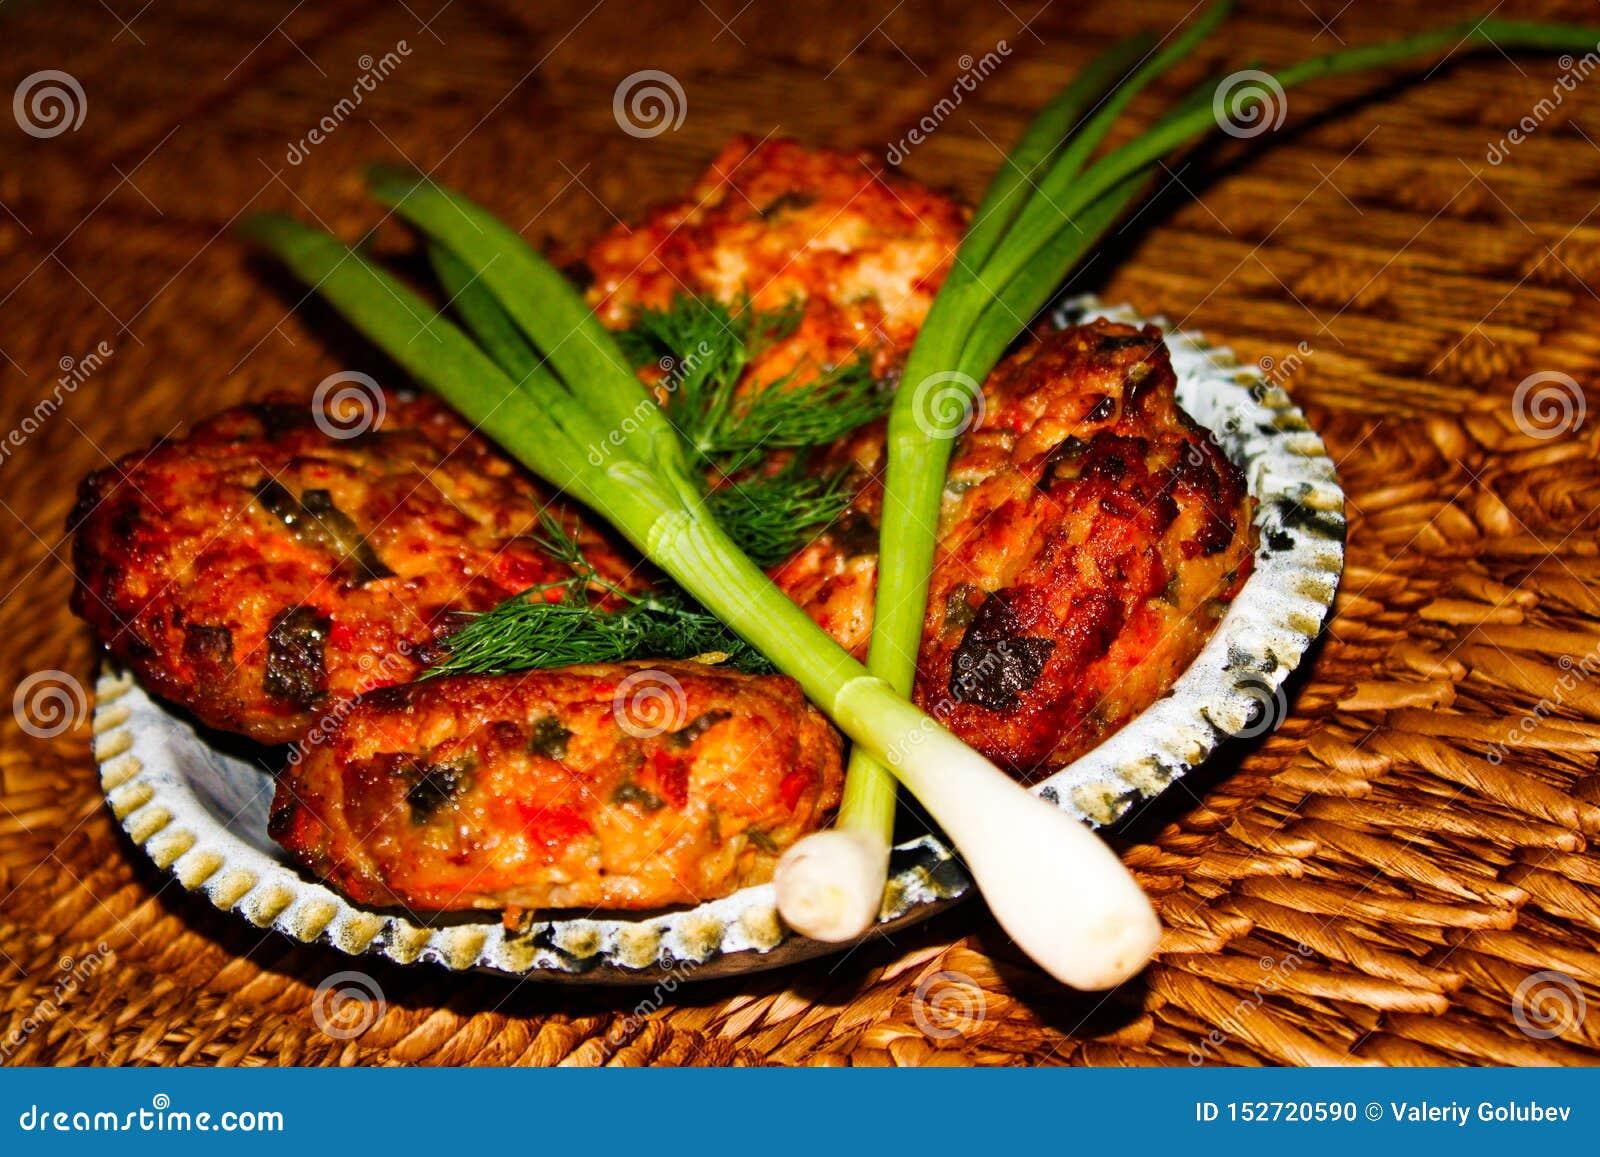 与菜和草本的煮熟的自创肉炸肉排